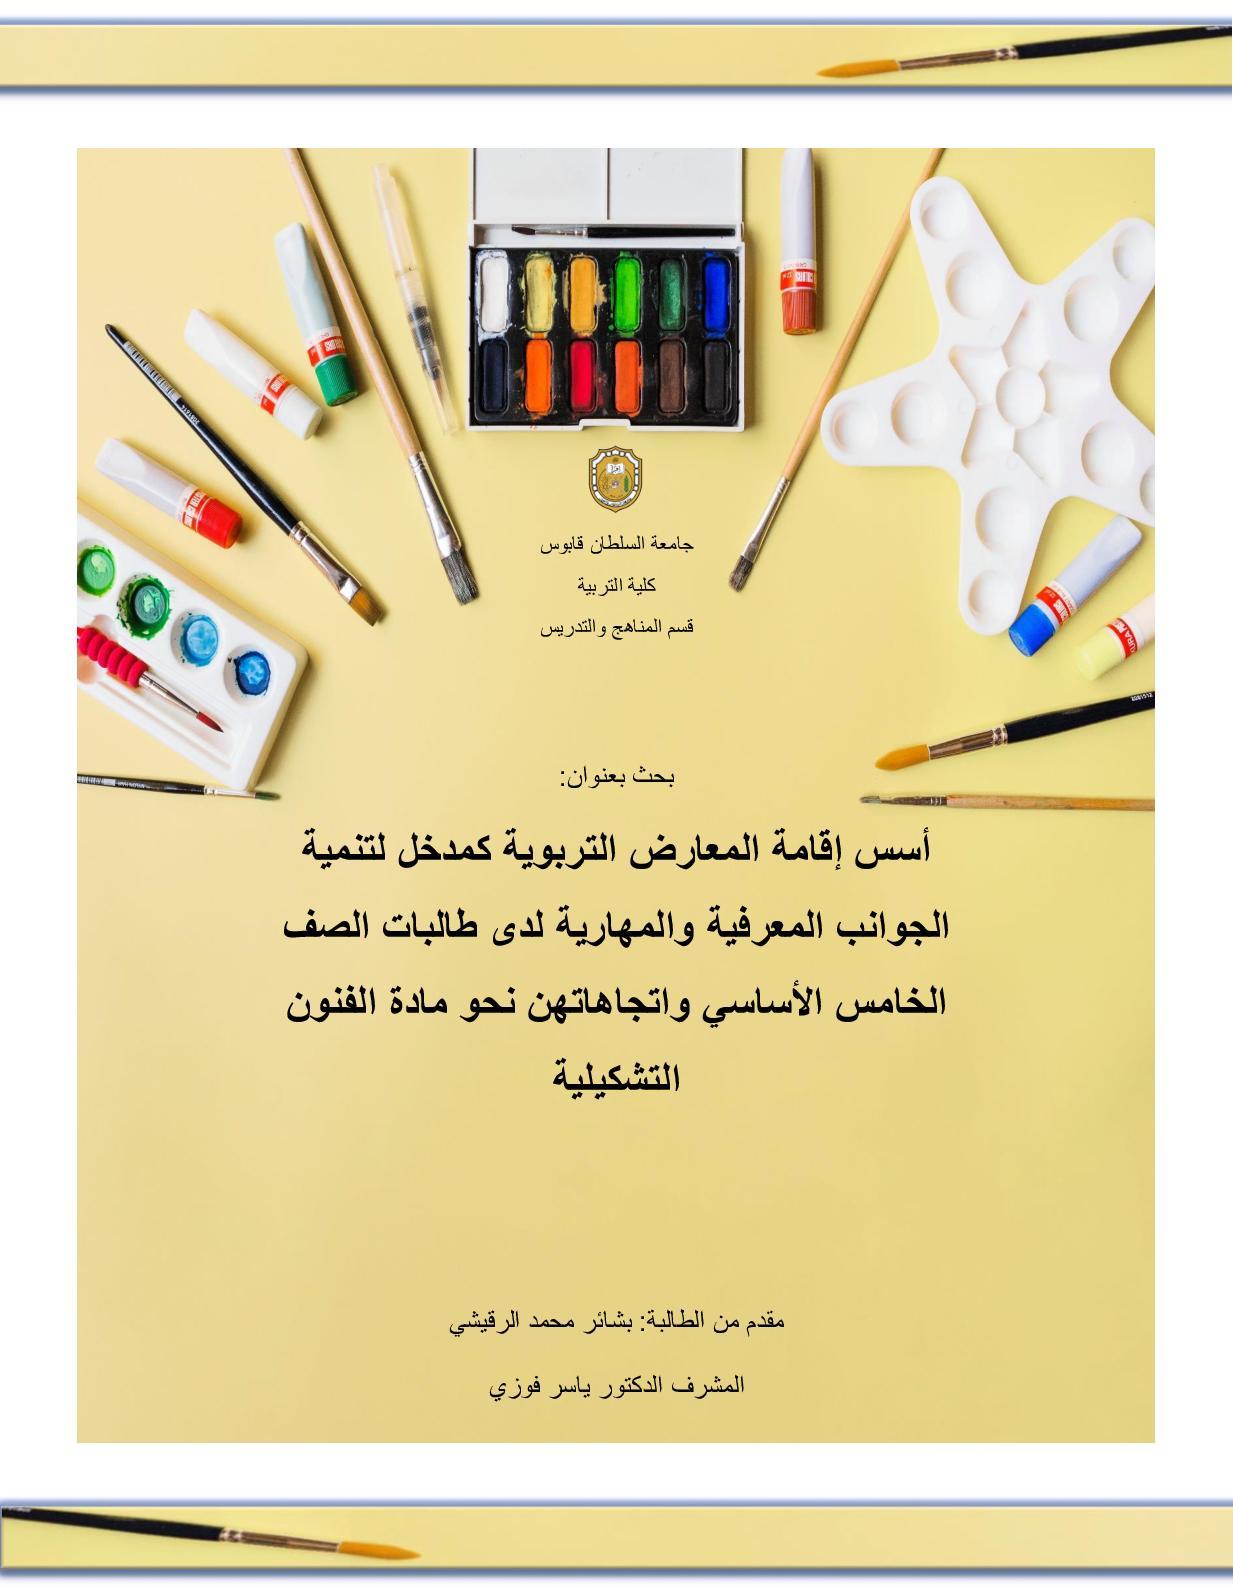 كتاب العلوم الاسلامية للصف الخامس